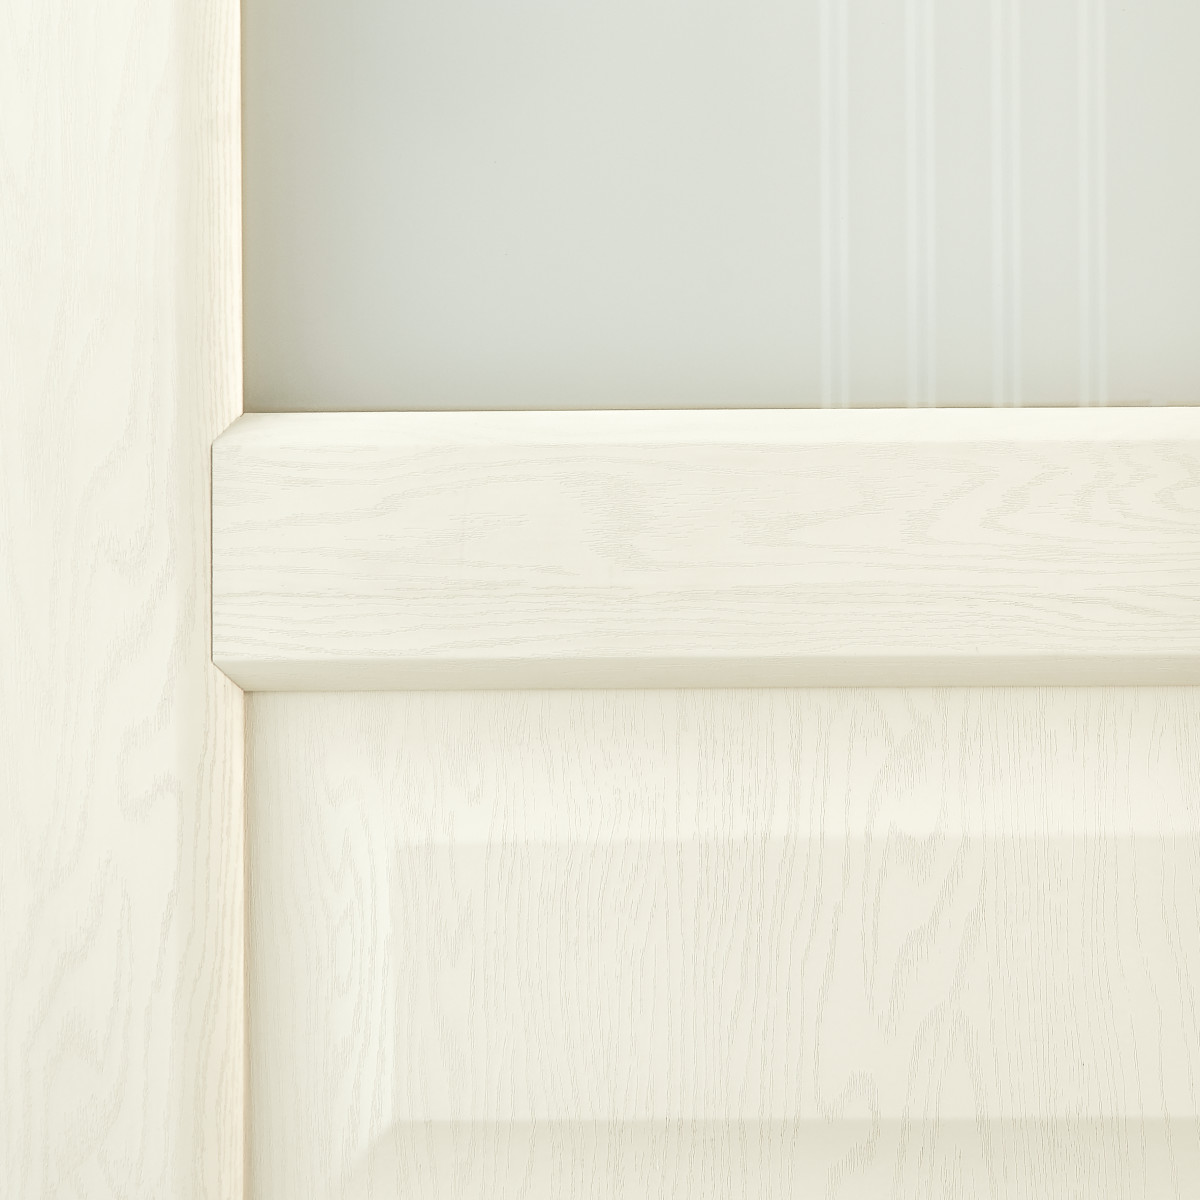 Дверь Межкомнатная Остеклённая Artens Мария 70x200 Пвх Цвет Айвори С Фурнитурой